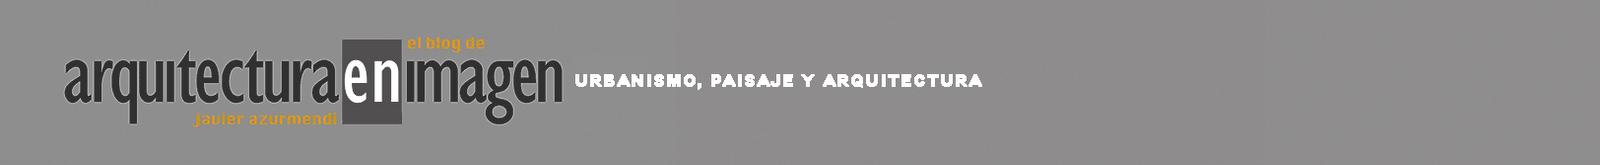 URBANISMO, PAISAJE Y ARQUITECTURA